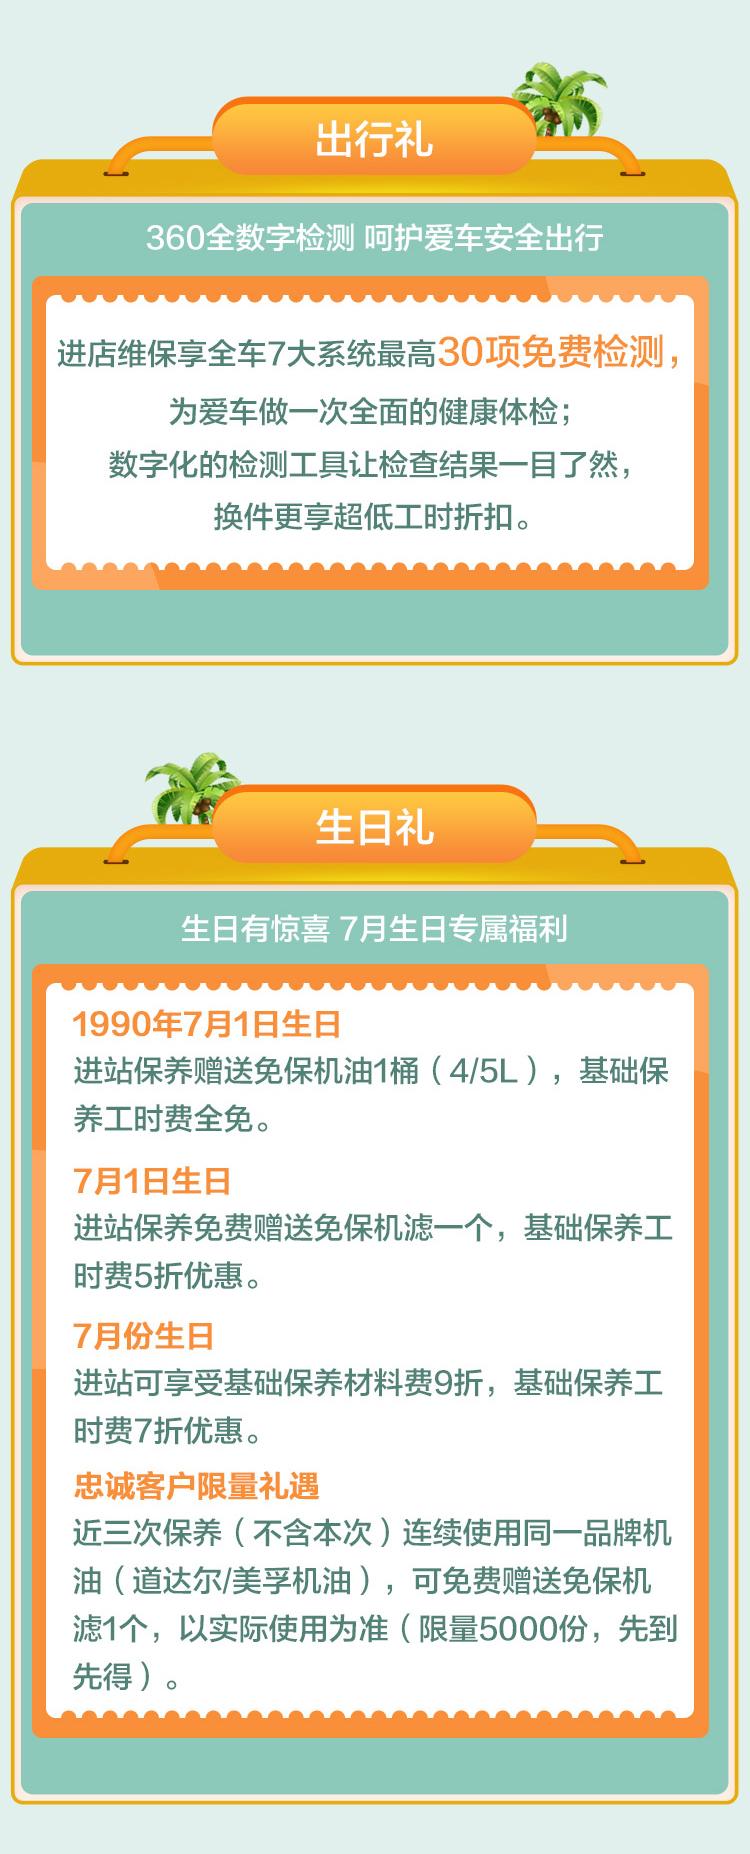 特惠盛夏 惊喜一夏 www.11933.com建厂30周年暨夏日礼遇季正式开启